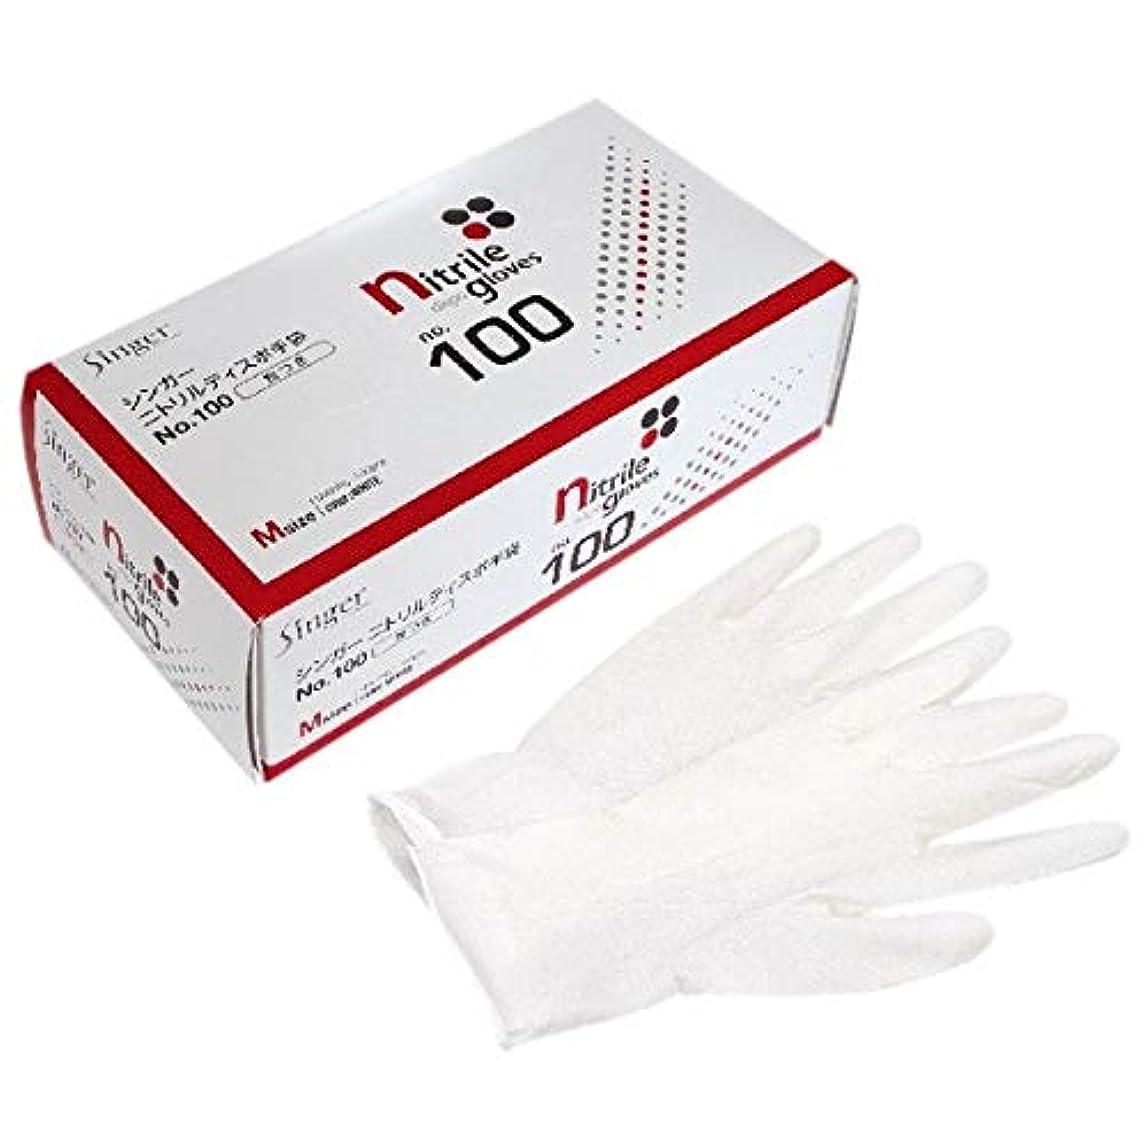 シンガーニトリルディスポ手袋 No.100 白 粉付 SSサイズ 100枚